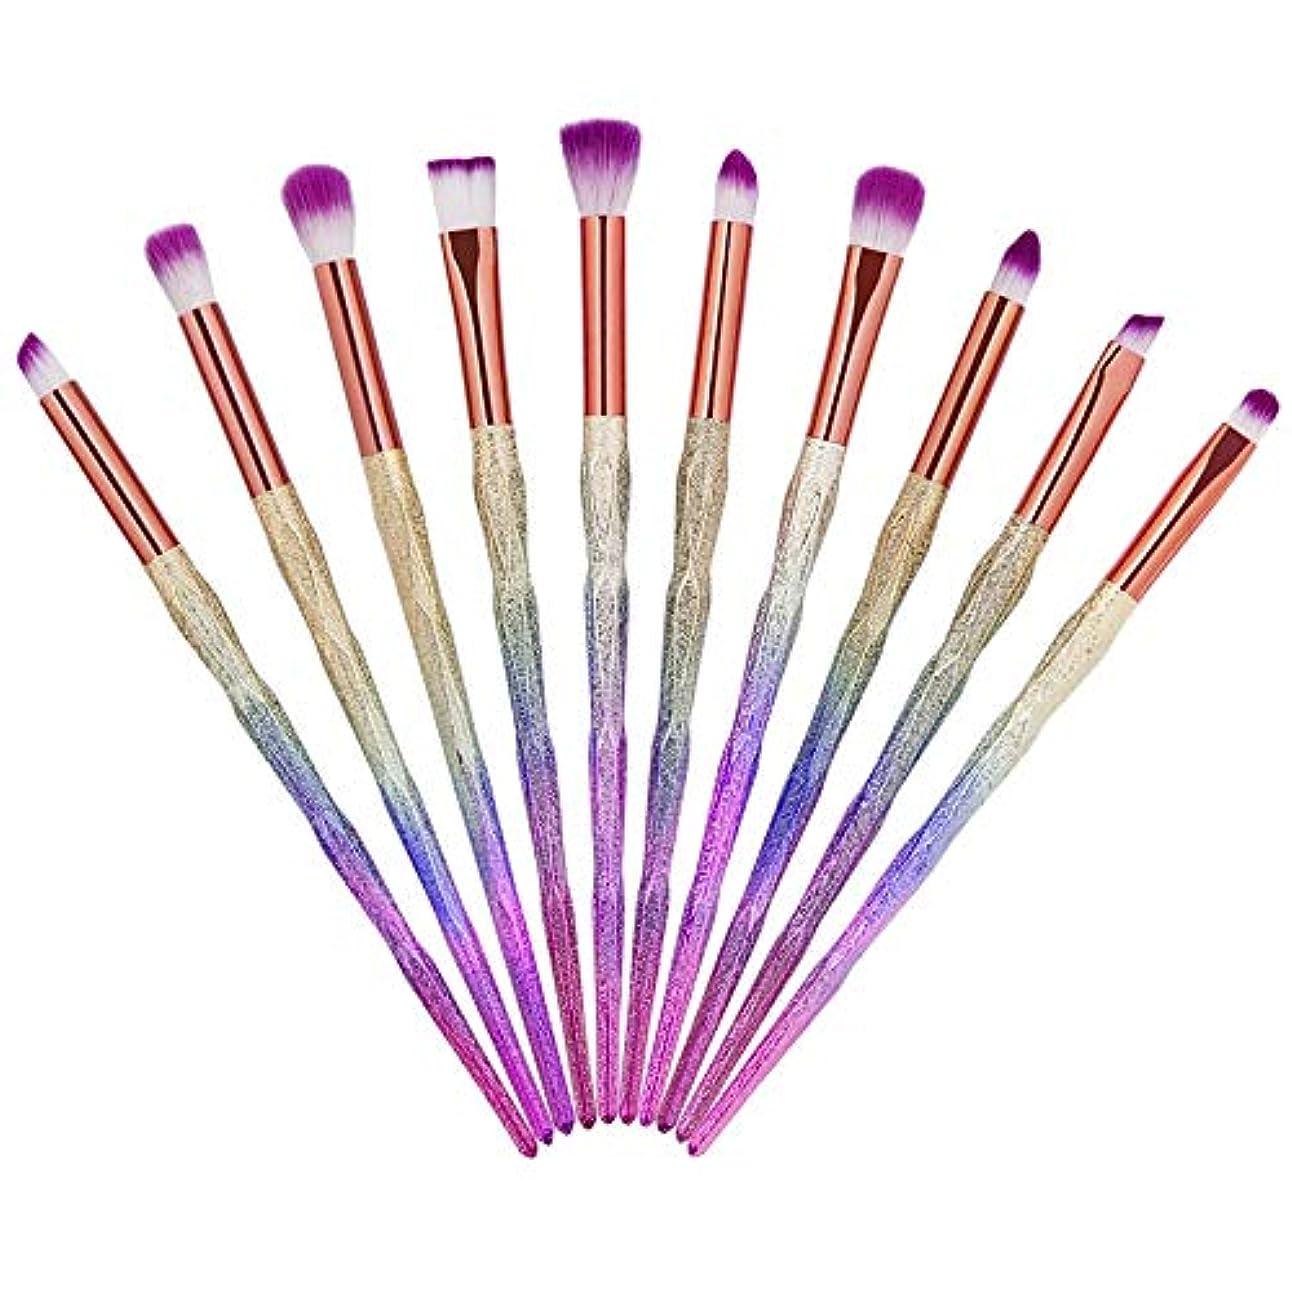 タックル懐疑論パイプアイシャドウブラシセット メイクブラシ 12本セット 化粧筆 フェイスブラシ 化粧ブラシ 携帯便利 高級繊維毛 化 専用ポーチ